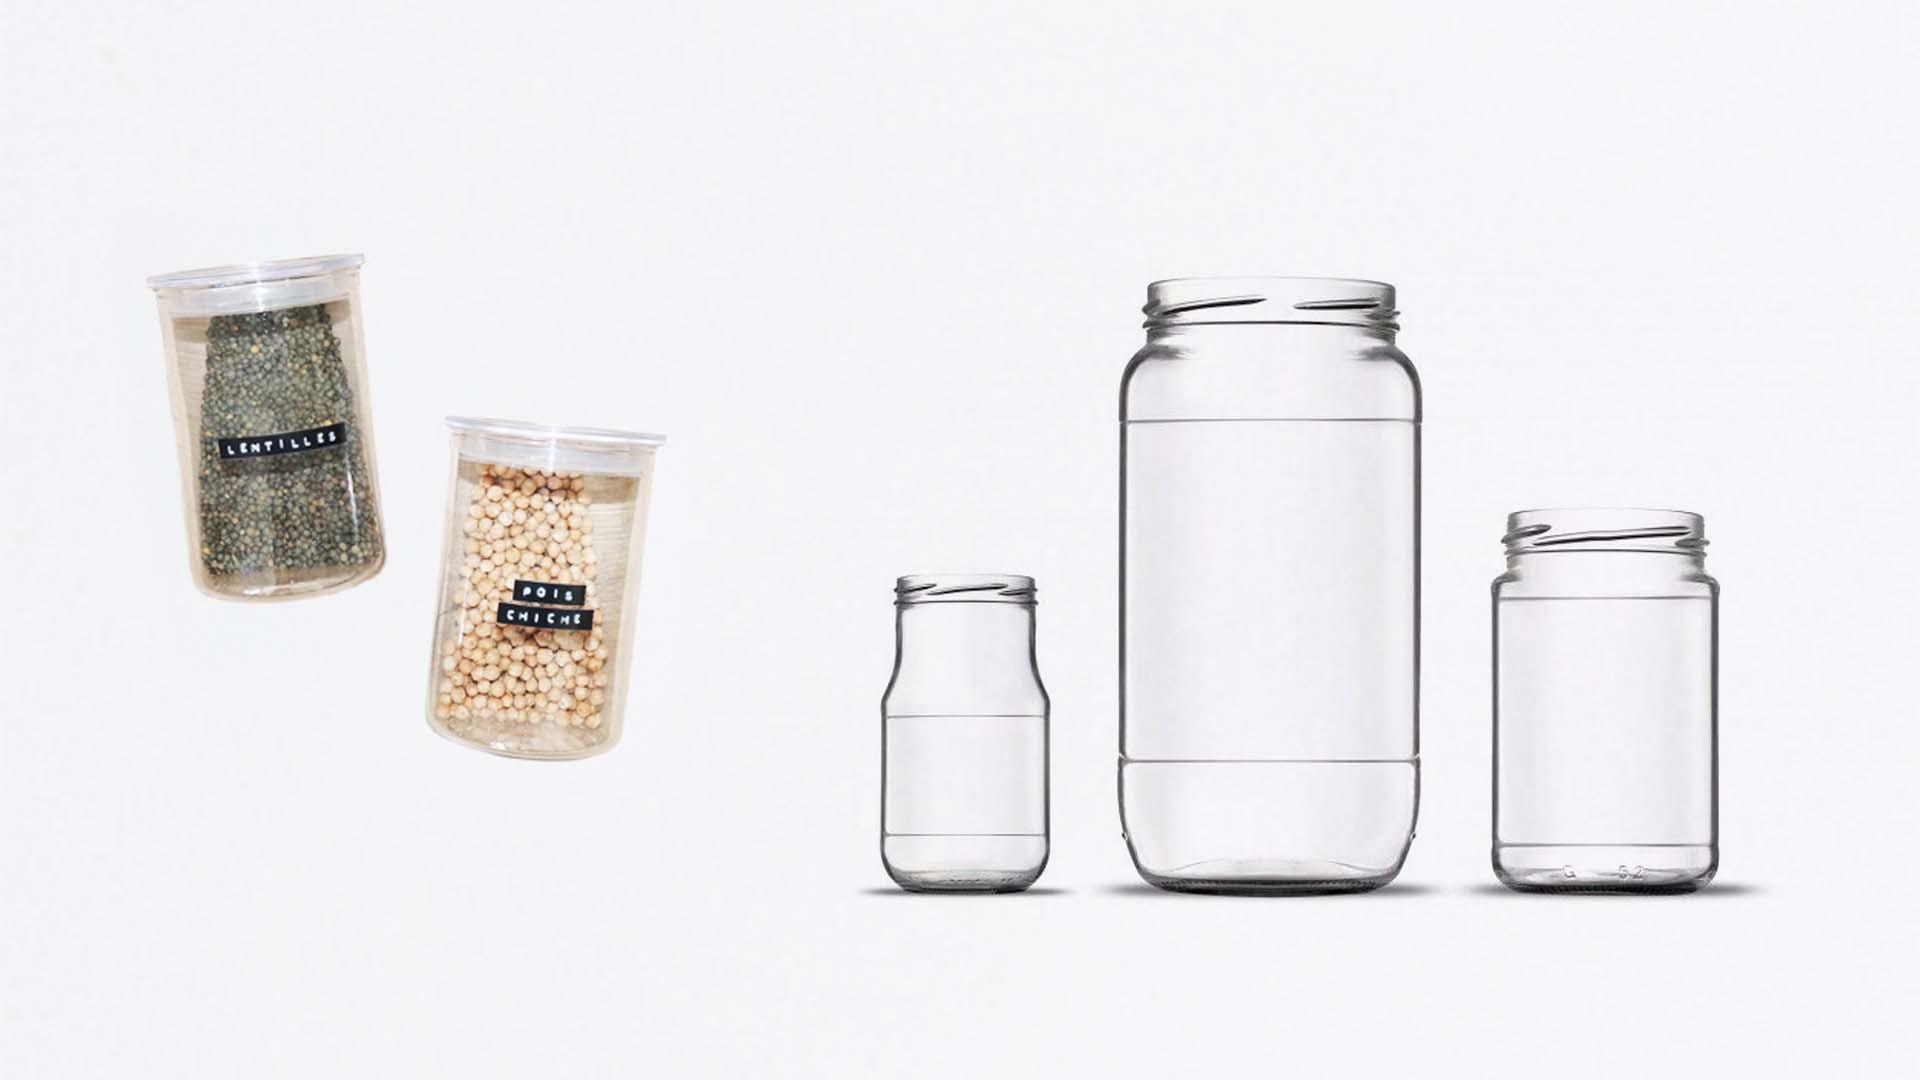 Retirer étiquettes bocaux zero dechet naturel vrac